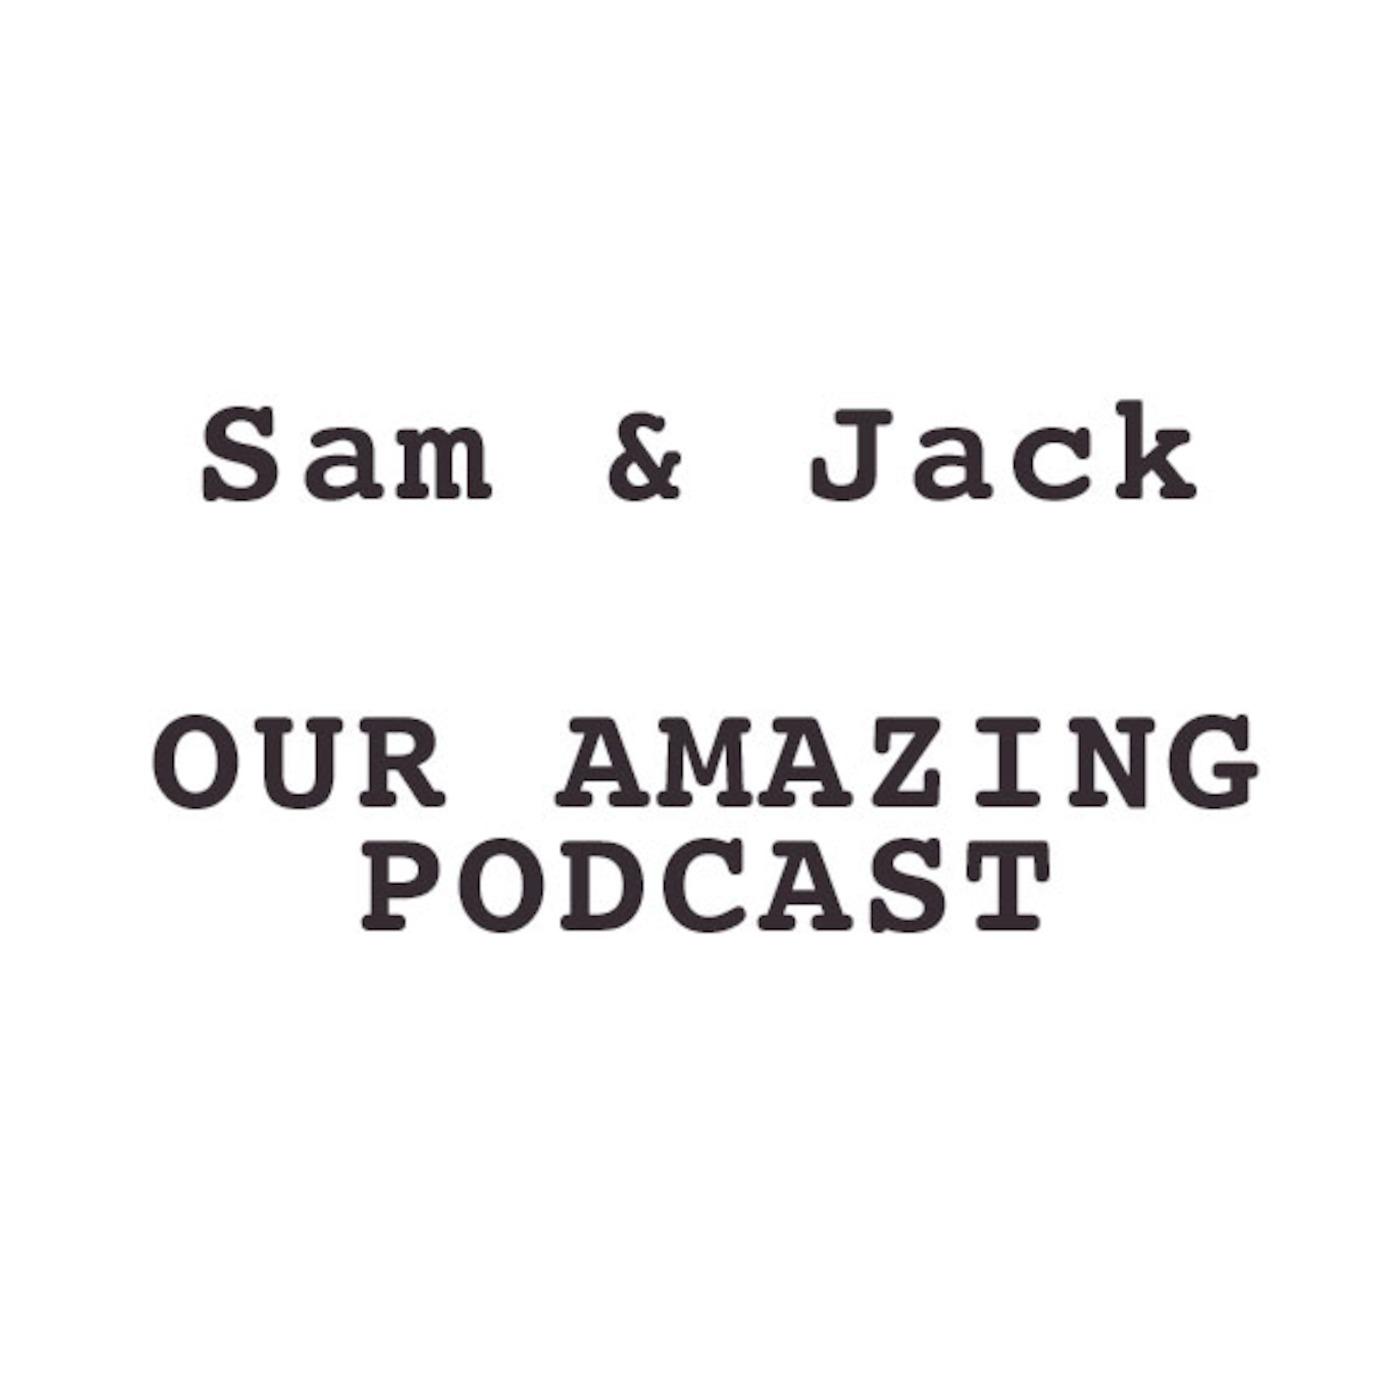 Sam & Jacks Podcast